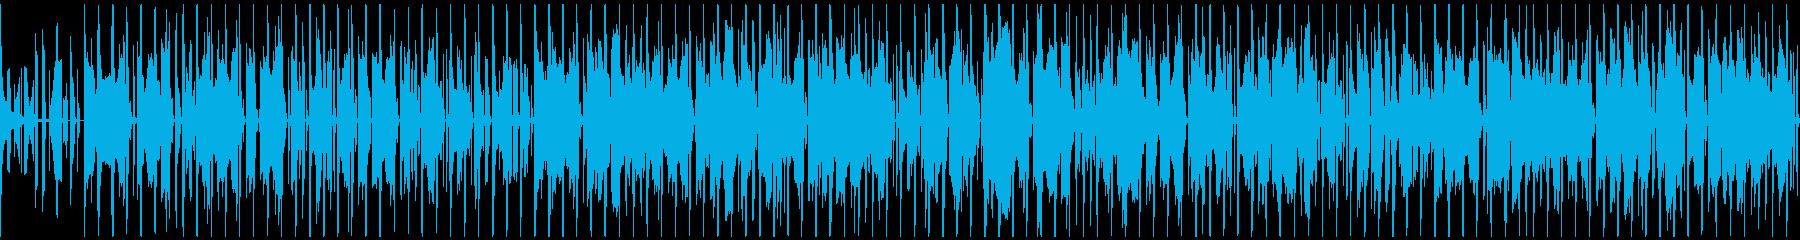 ファンキー グルーヴなシンプルBGM!!の再生済みの波形